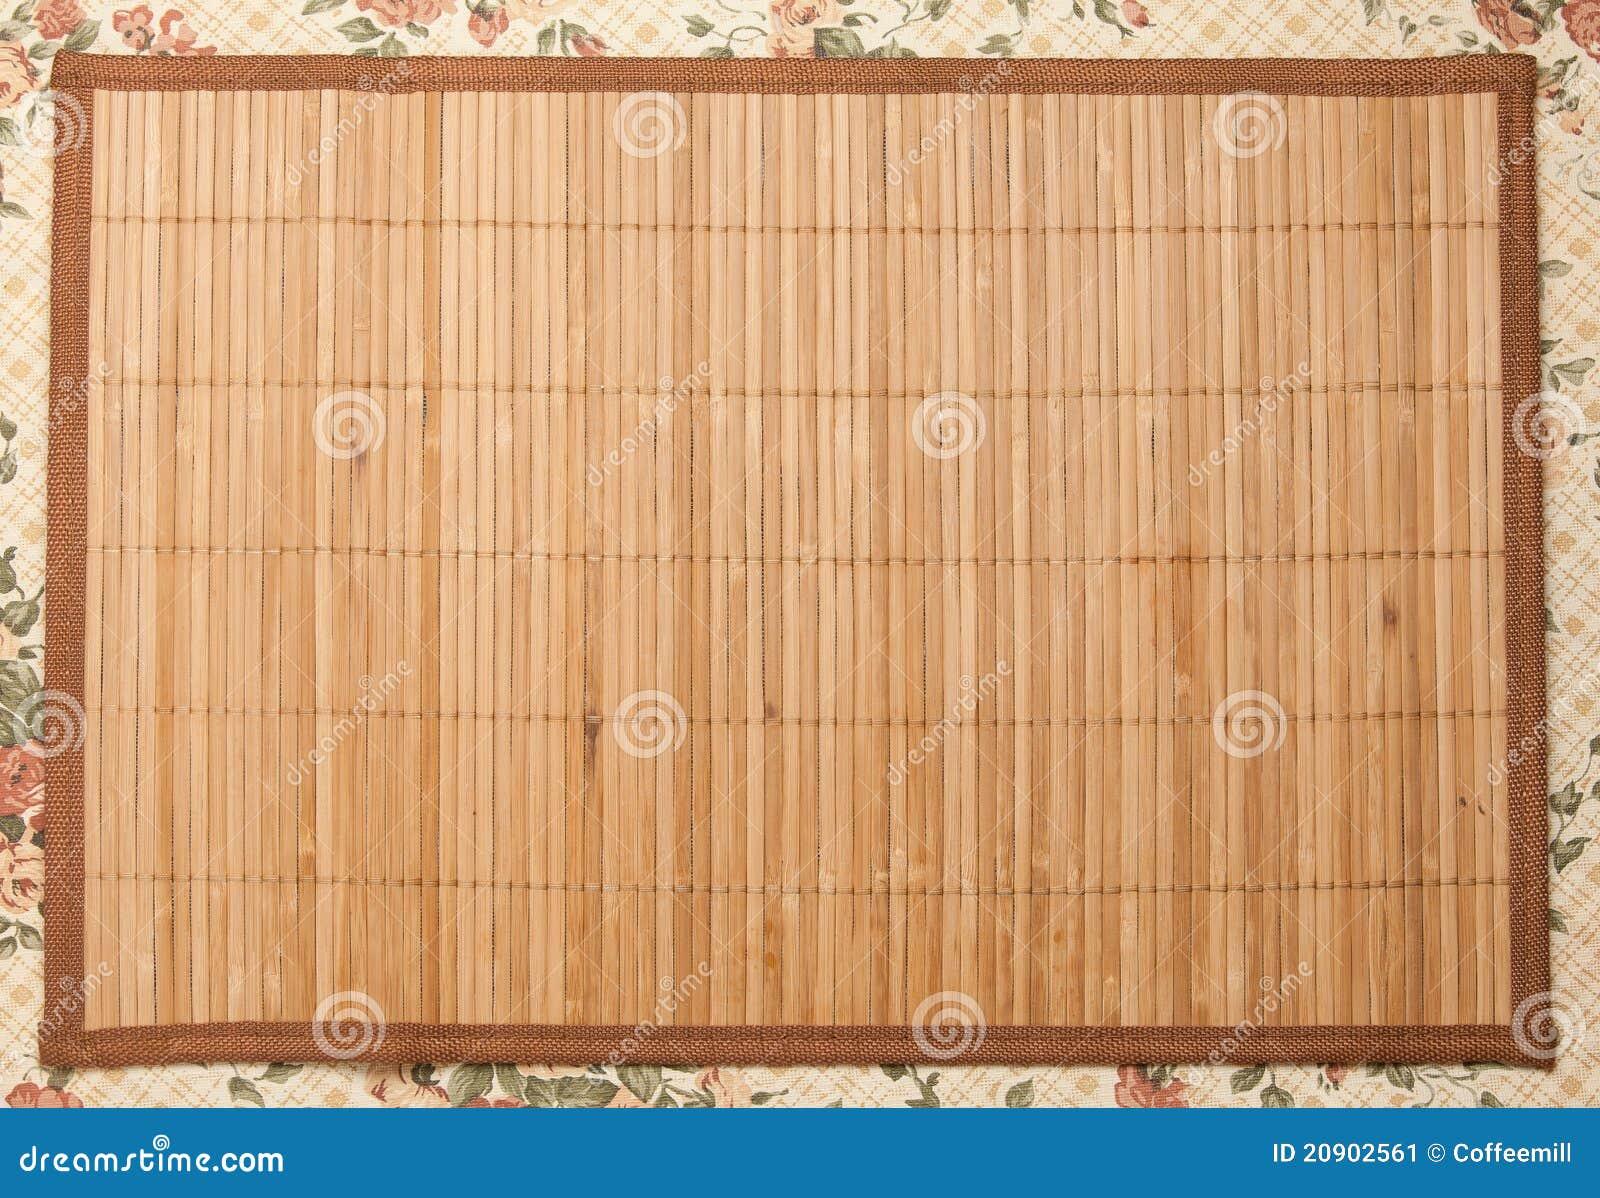 couvre tapis en bois image stock image 20902561. Black Bedroom Furniture Sets. Home Design Ideas